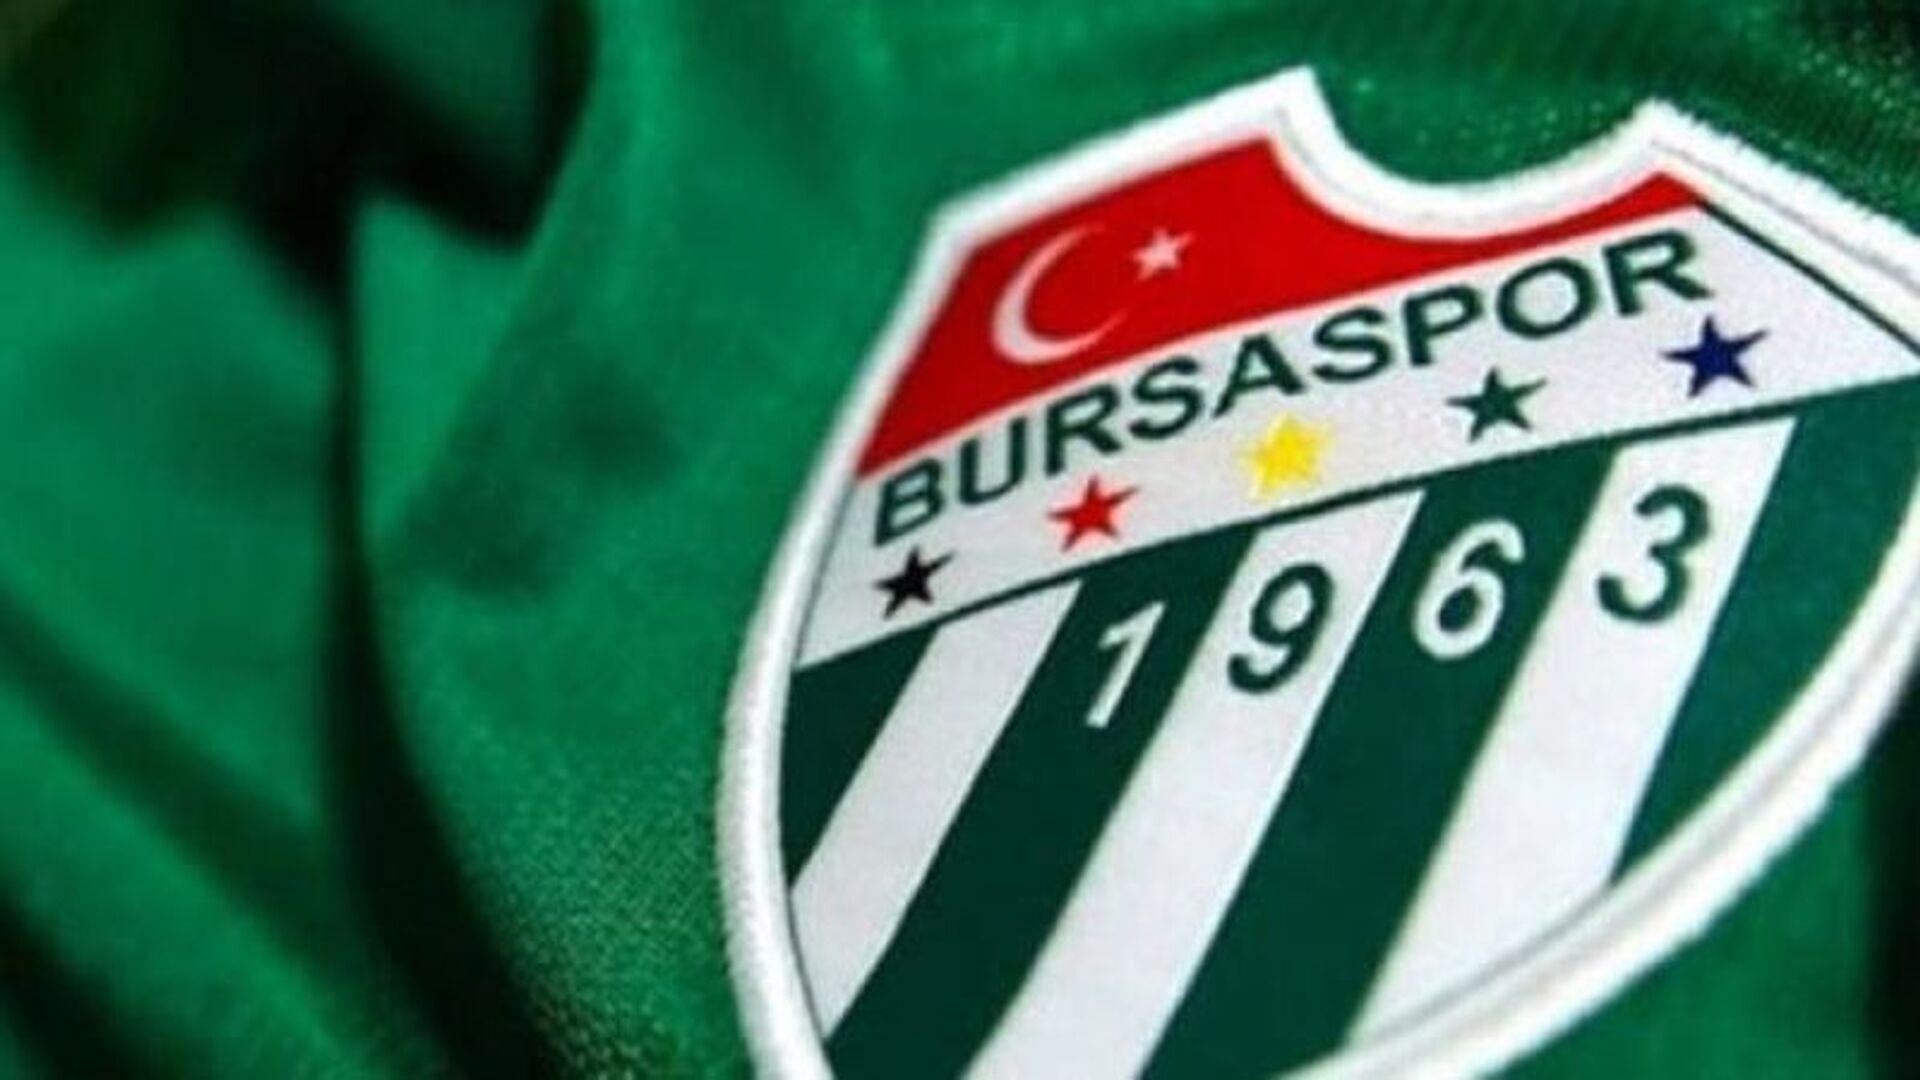 Bursaspor - Logo - Amblem - Sputnik Türkiye, 1920, 17.09.2021